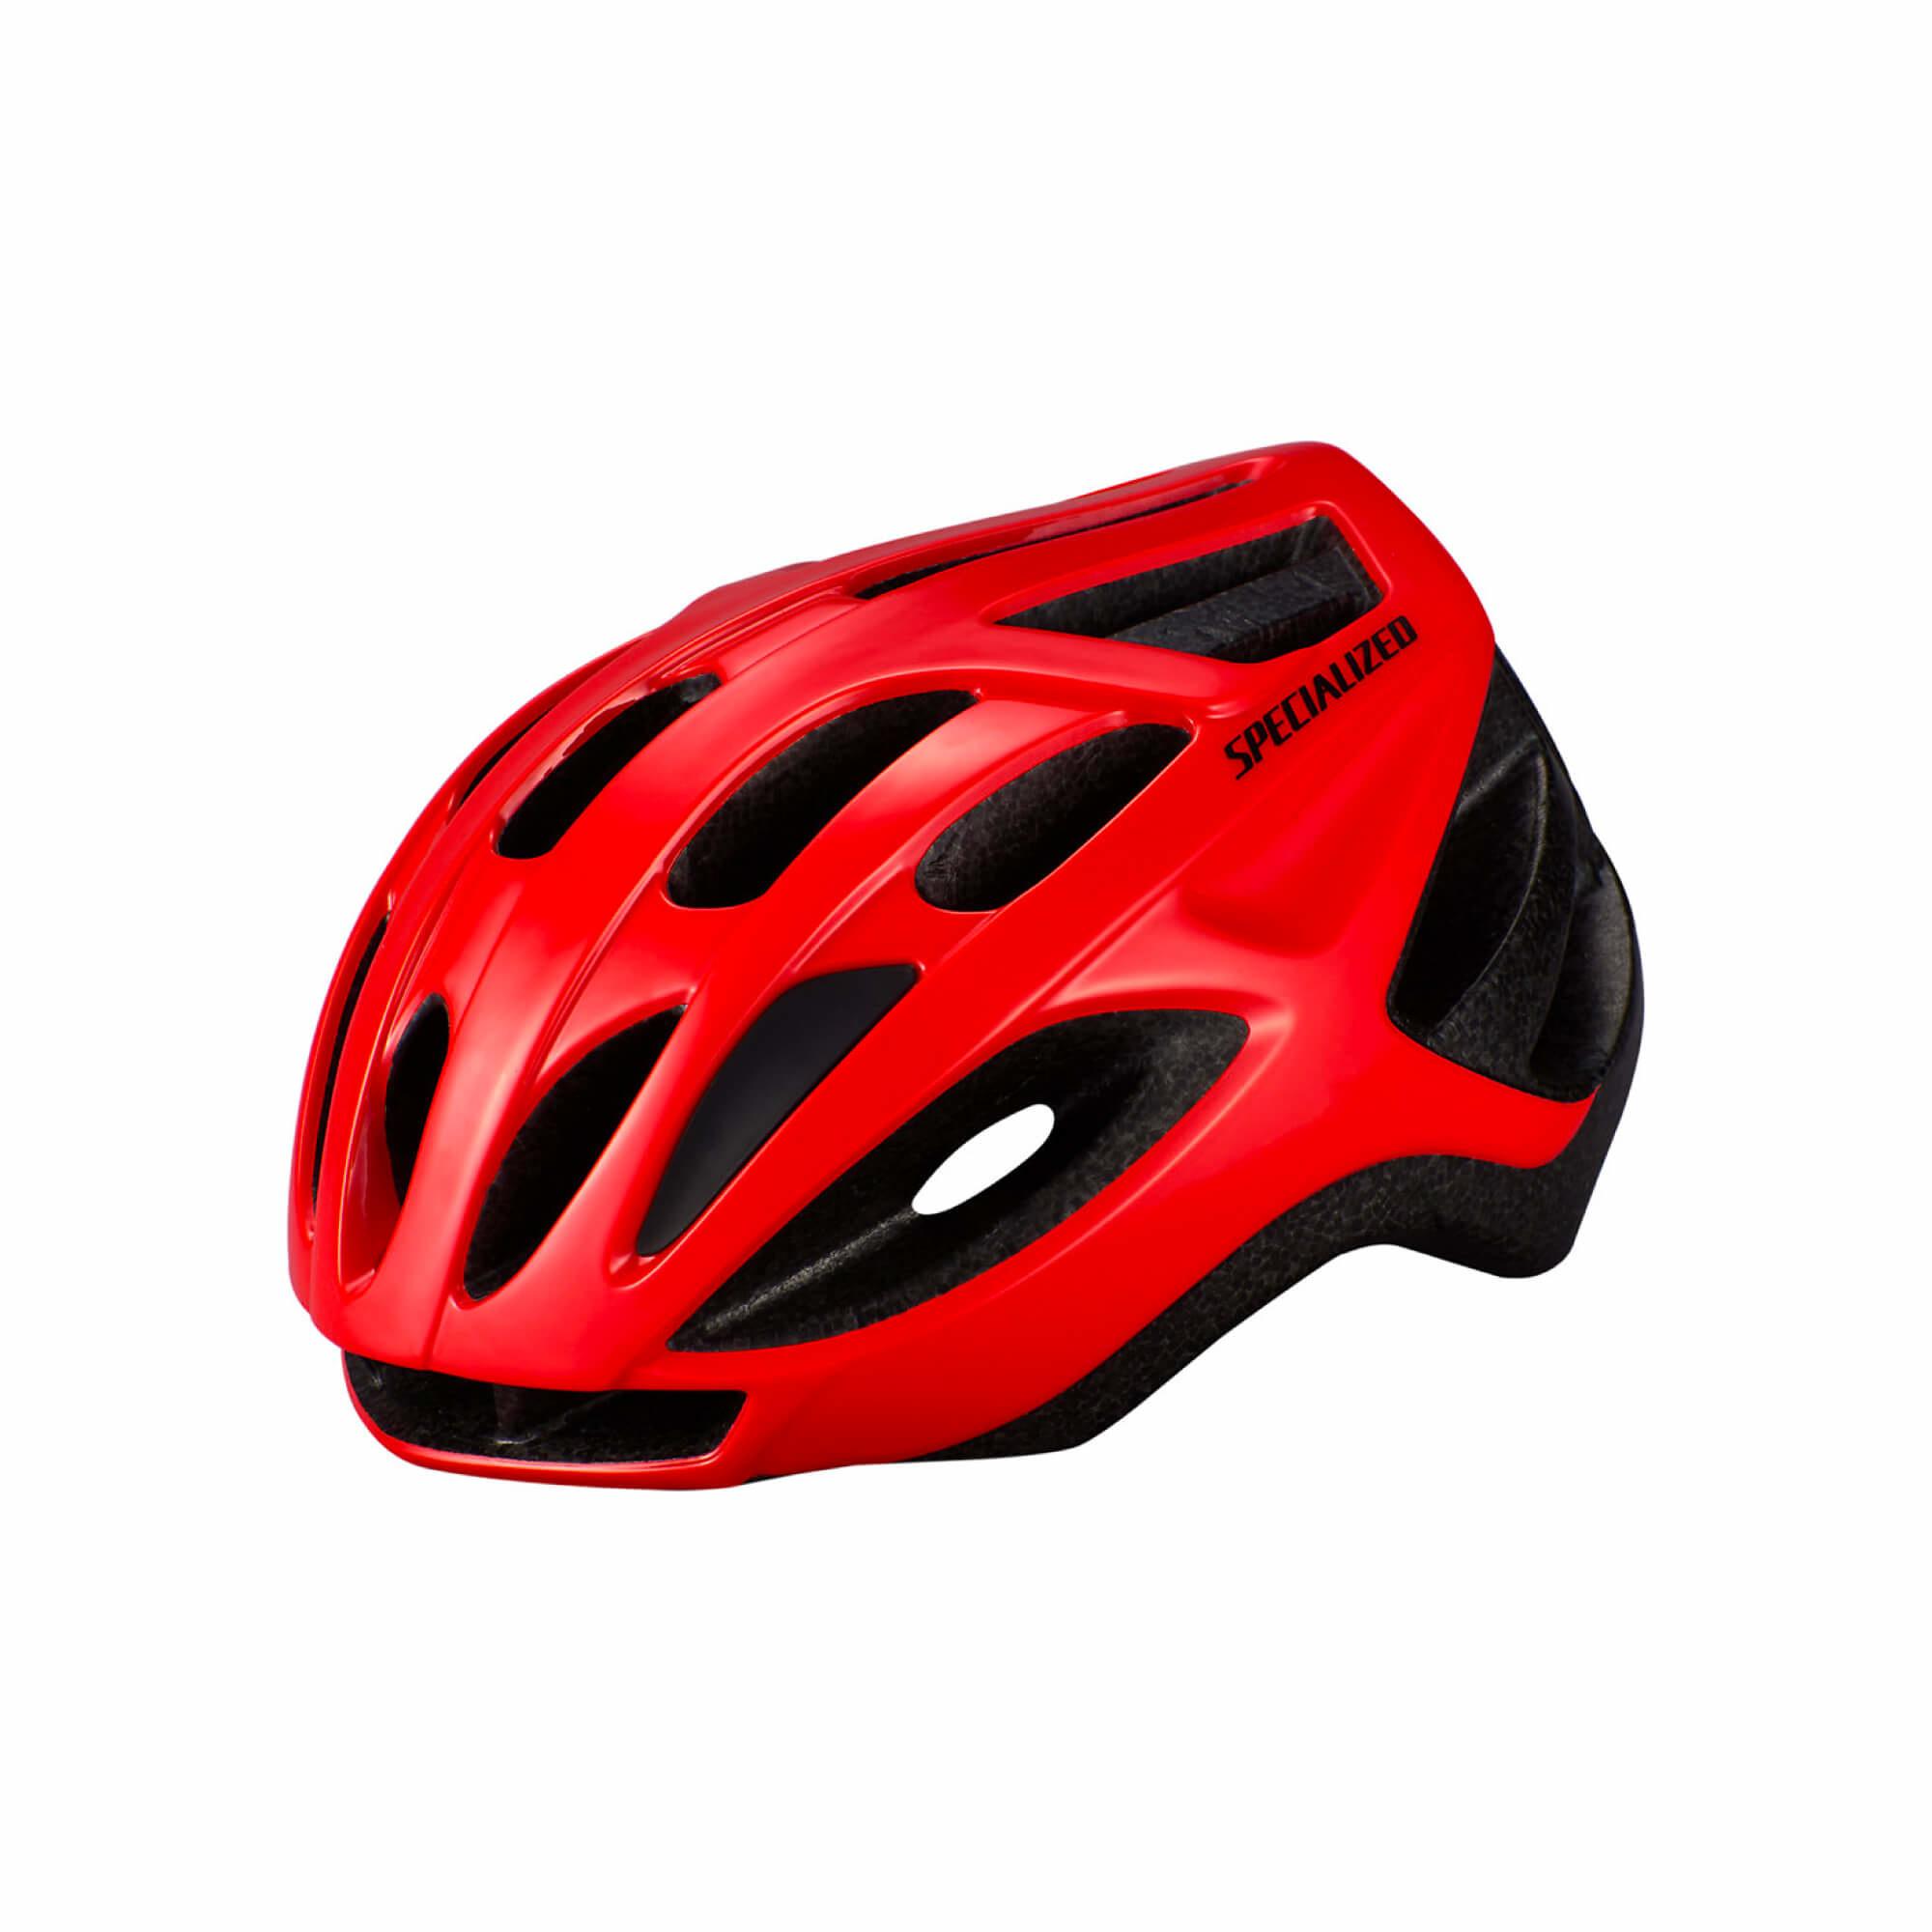 Align Helmet-9